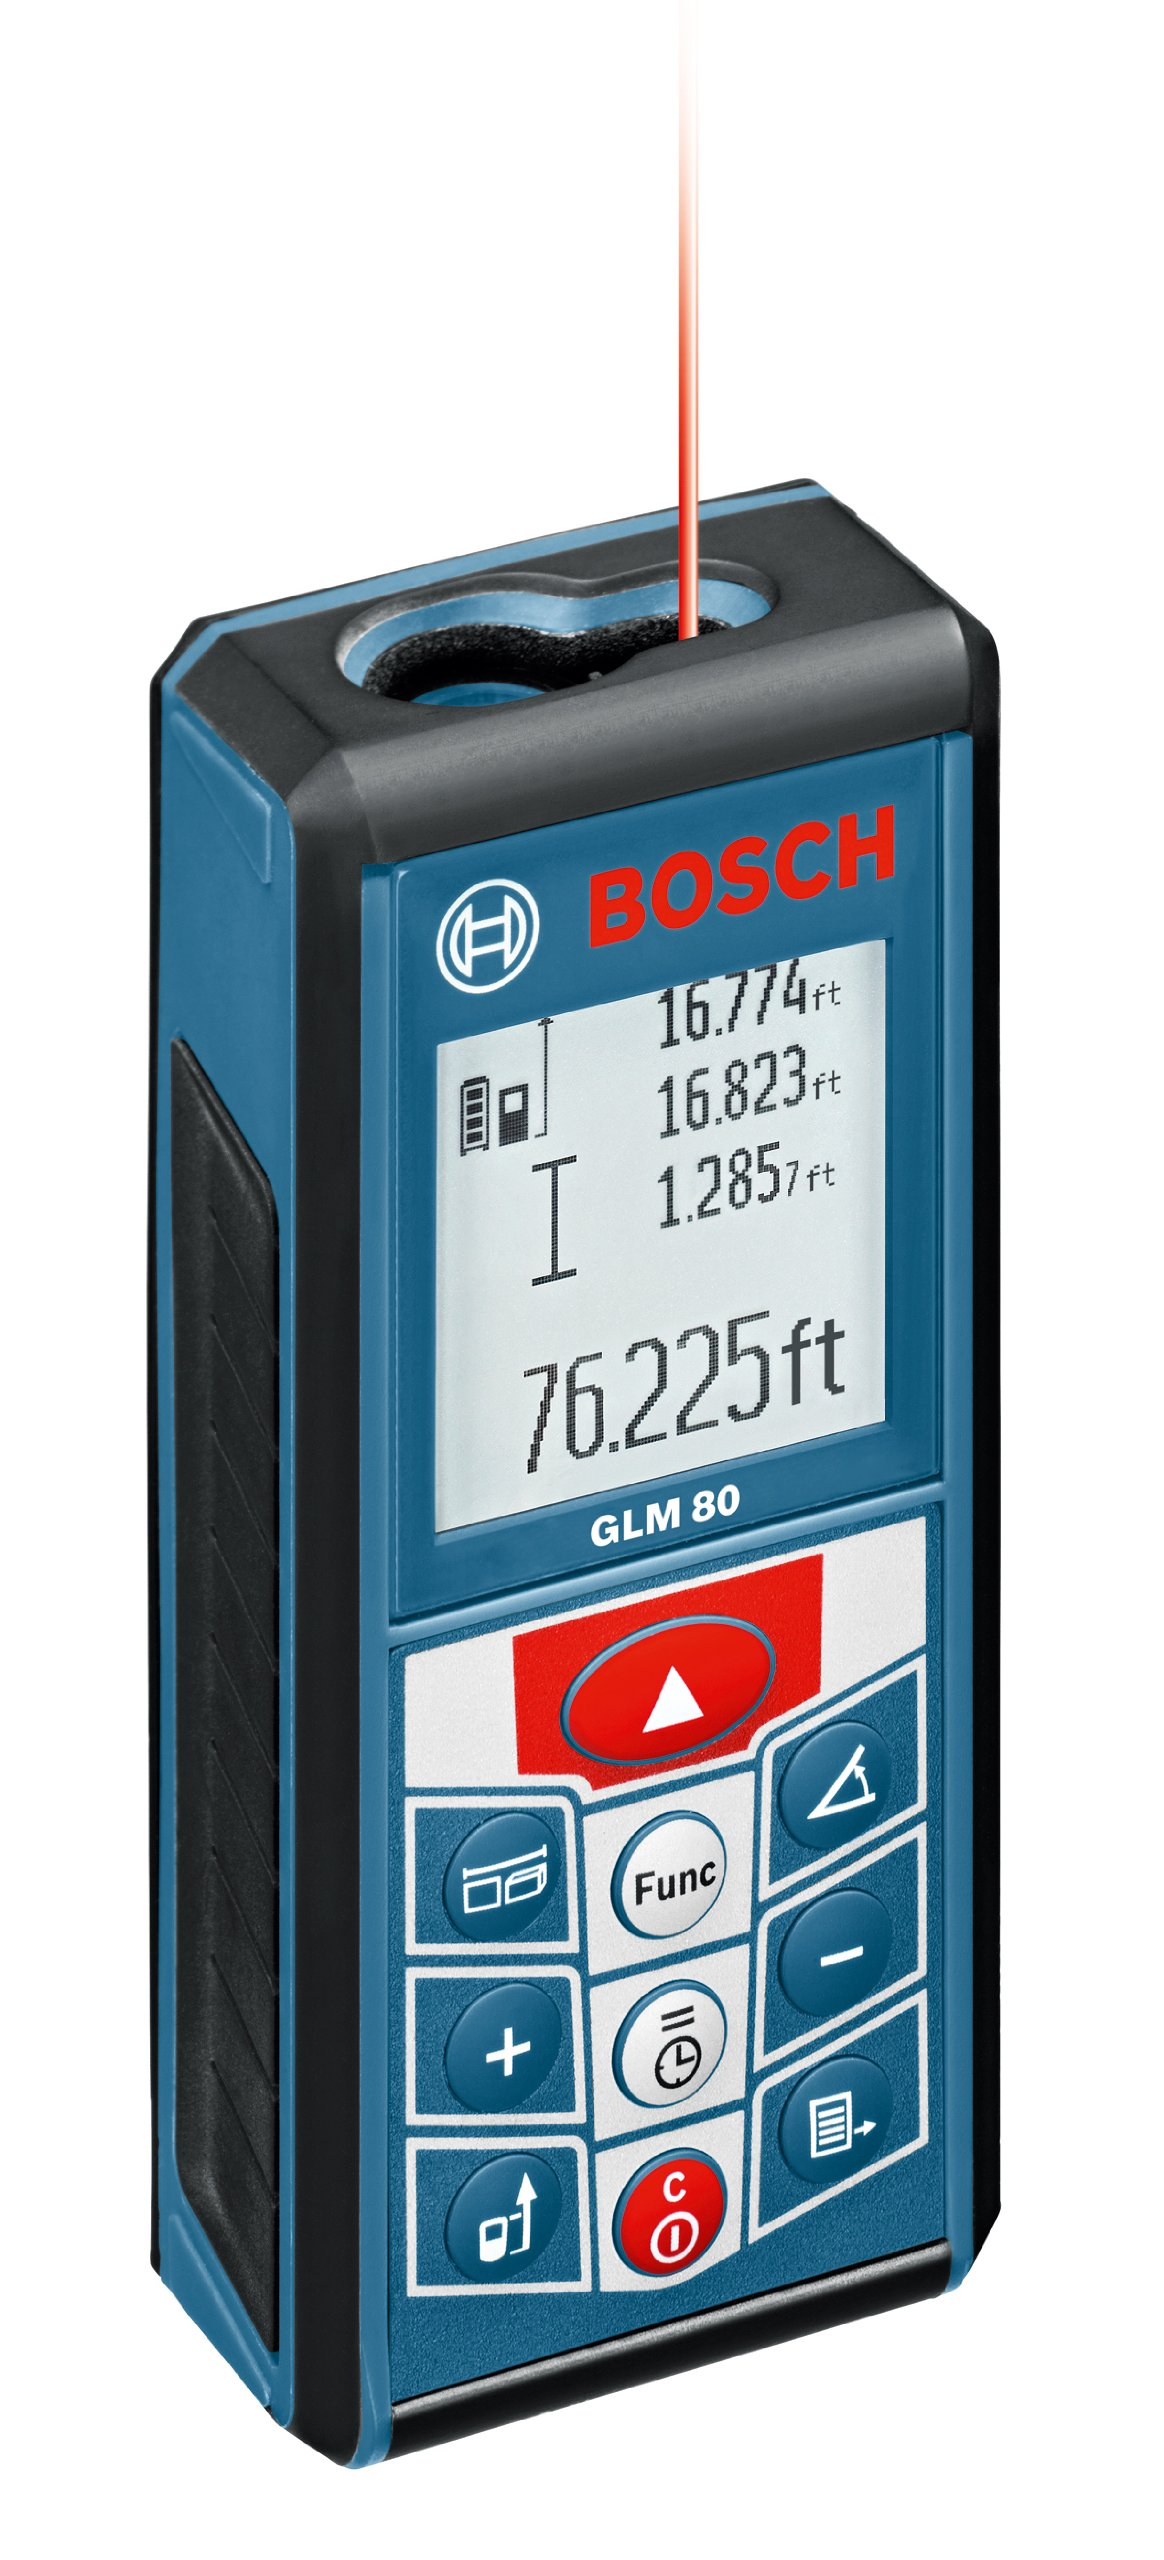 Bosch GLM 80 265-Feet Lithium-Ion Laser Distance Measurer